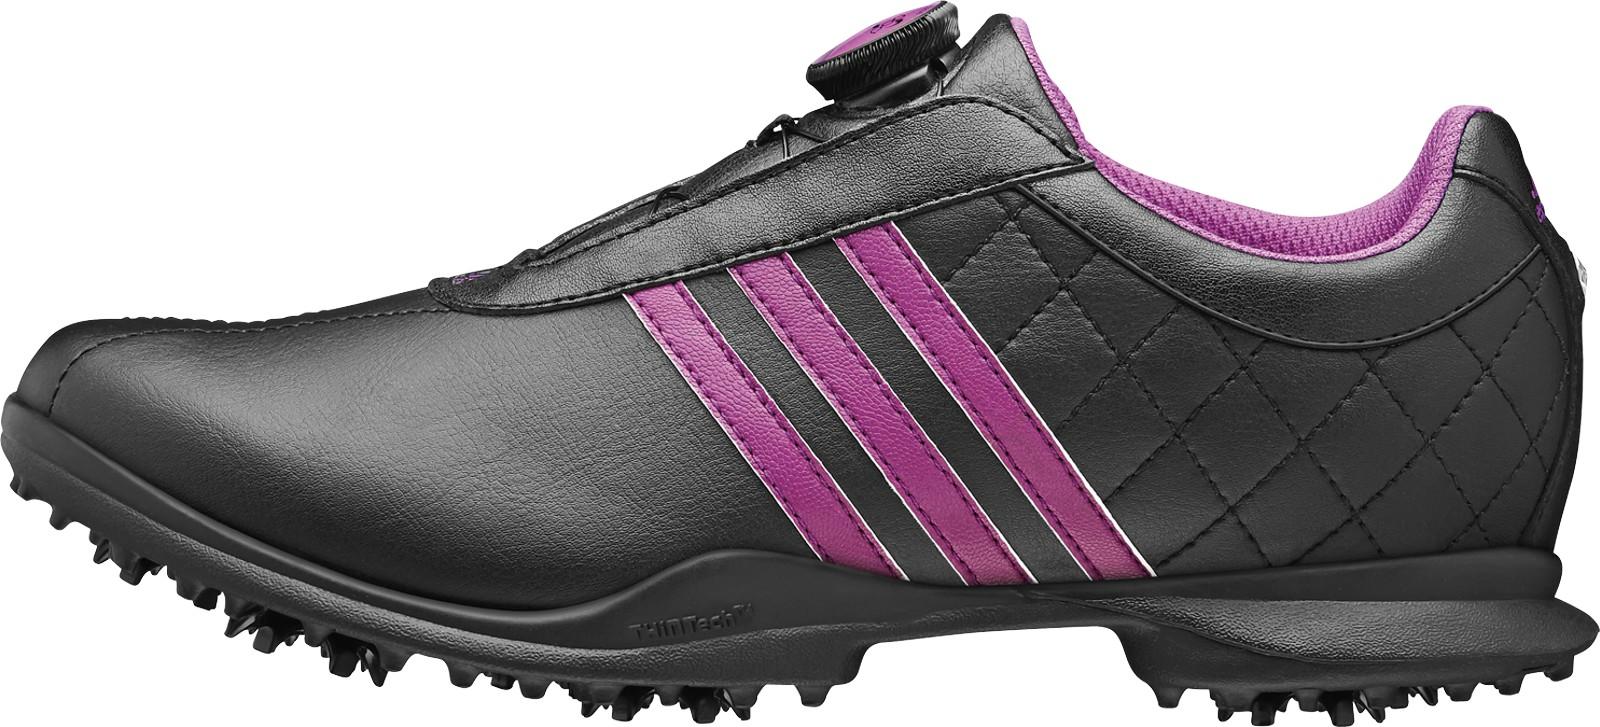 Adidas Driver BOA dámské boty, černé černá, standardní, 4